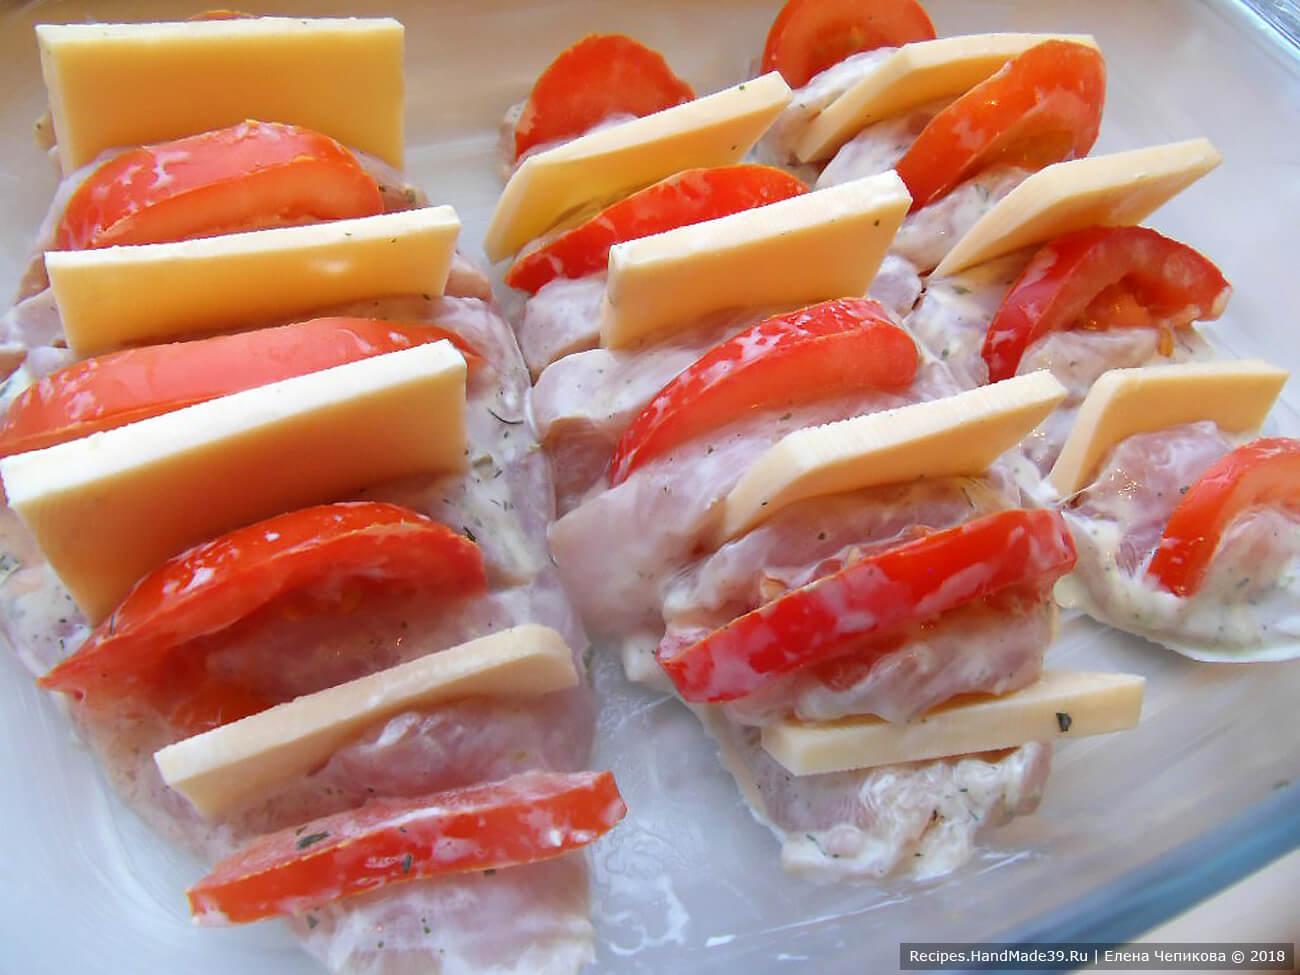 В надрезы поочерёдно вложить кусочки помидора и сыра